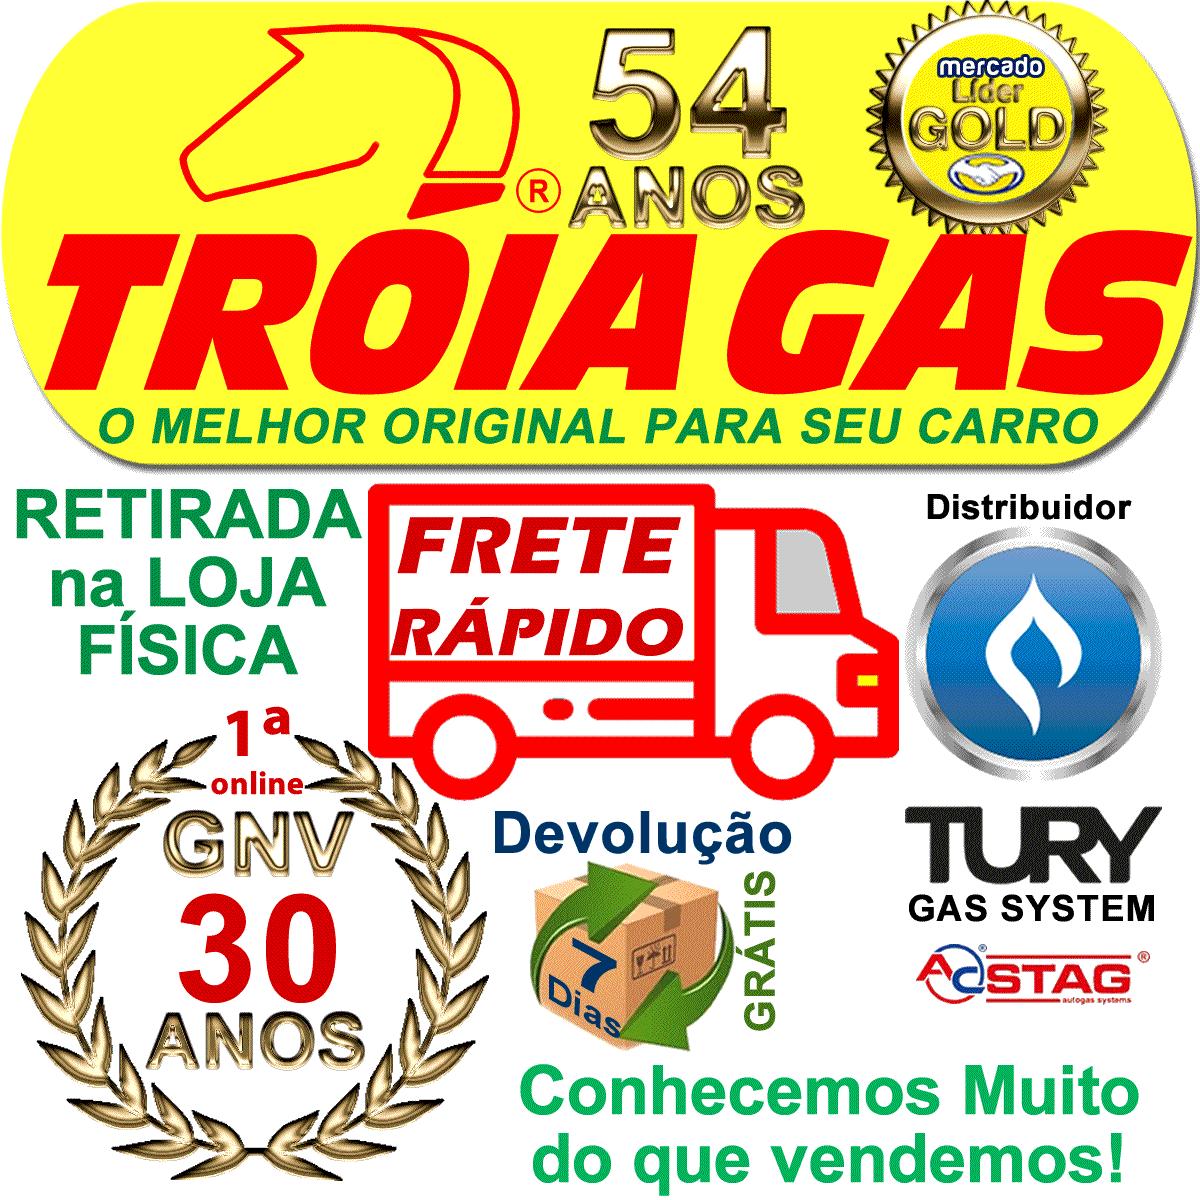 2 Filtros GNV 12 mm TURY GAS 5ª e 6ª geração bicos STAG EMER OMVL e outros